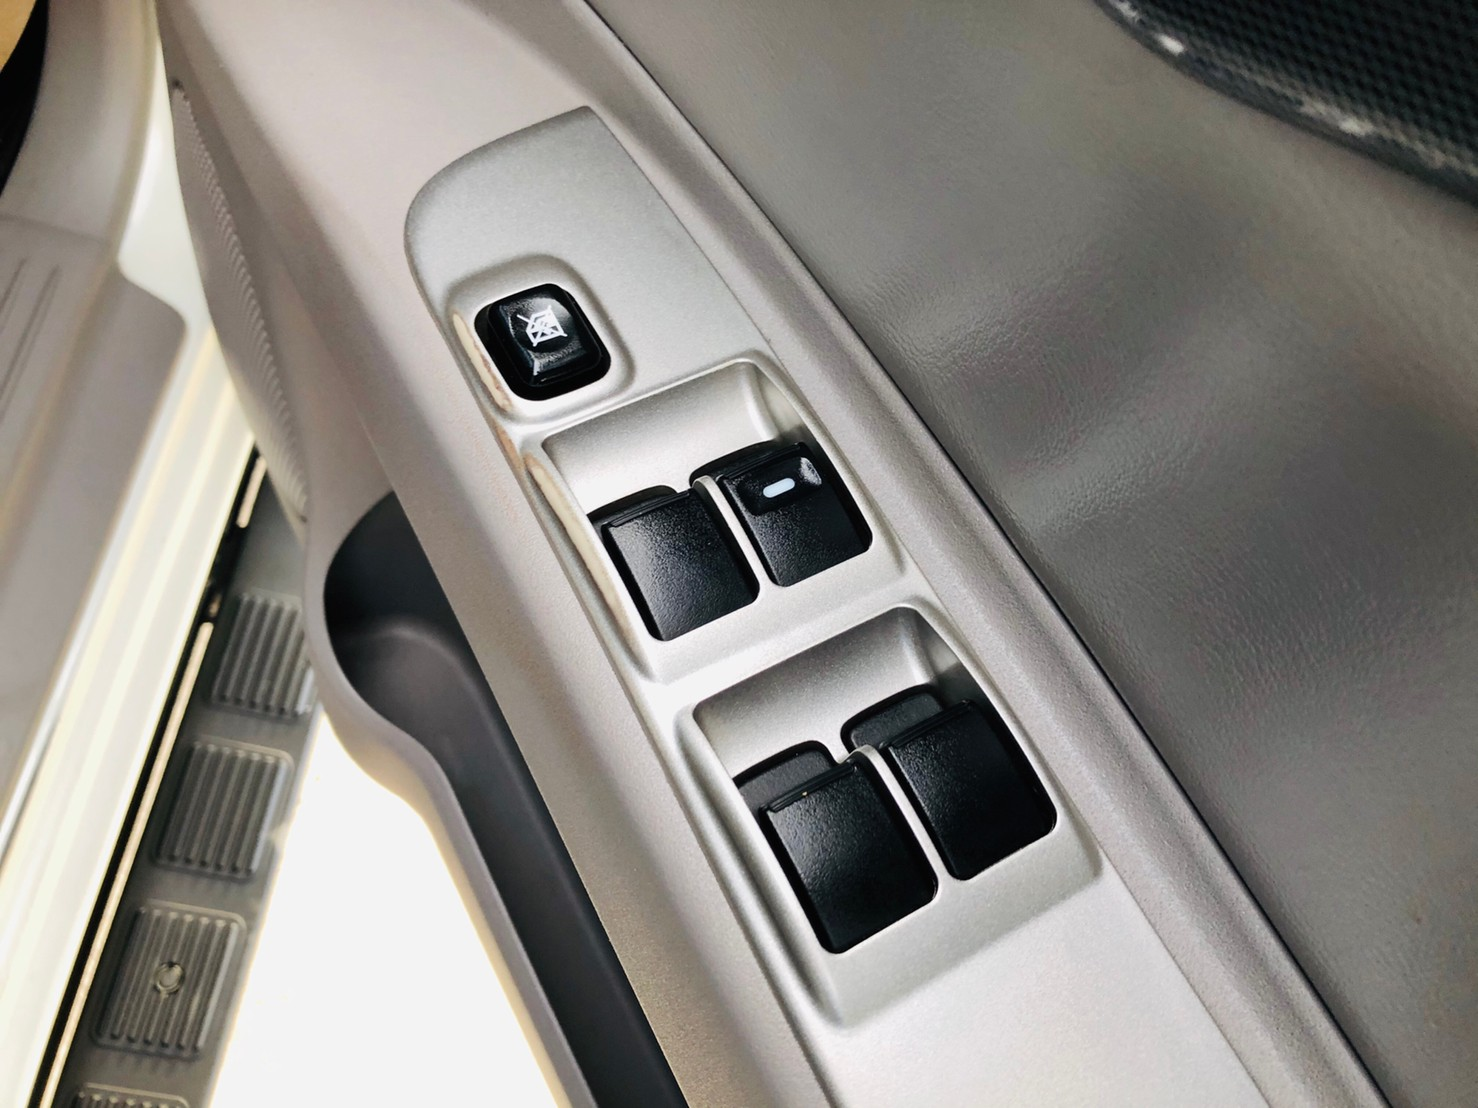 ภาพกระจกปรับไฟฟ้า มิตซูบิชิ ปาเจโร่ สปอร์ต 2.5 GT Navi 2WD ปี 2014